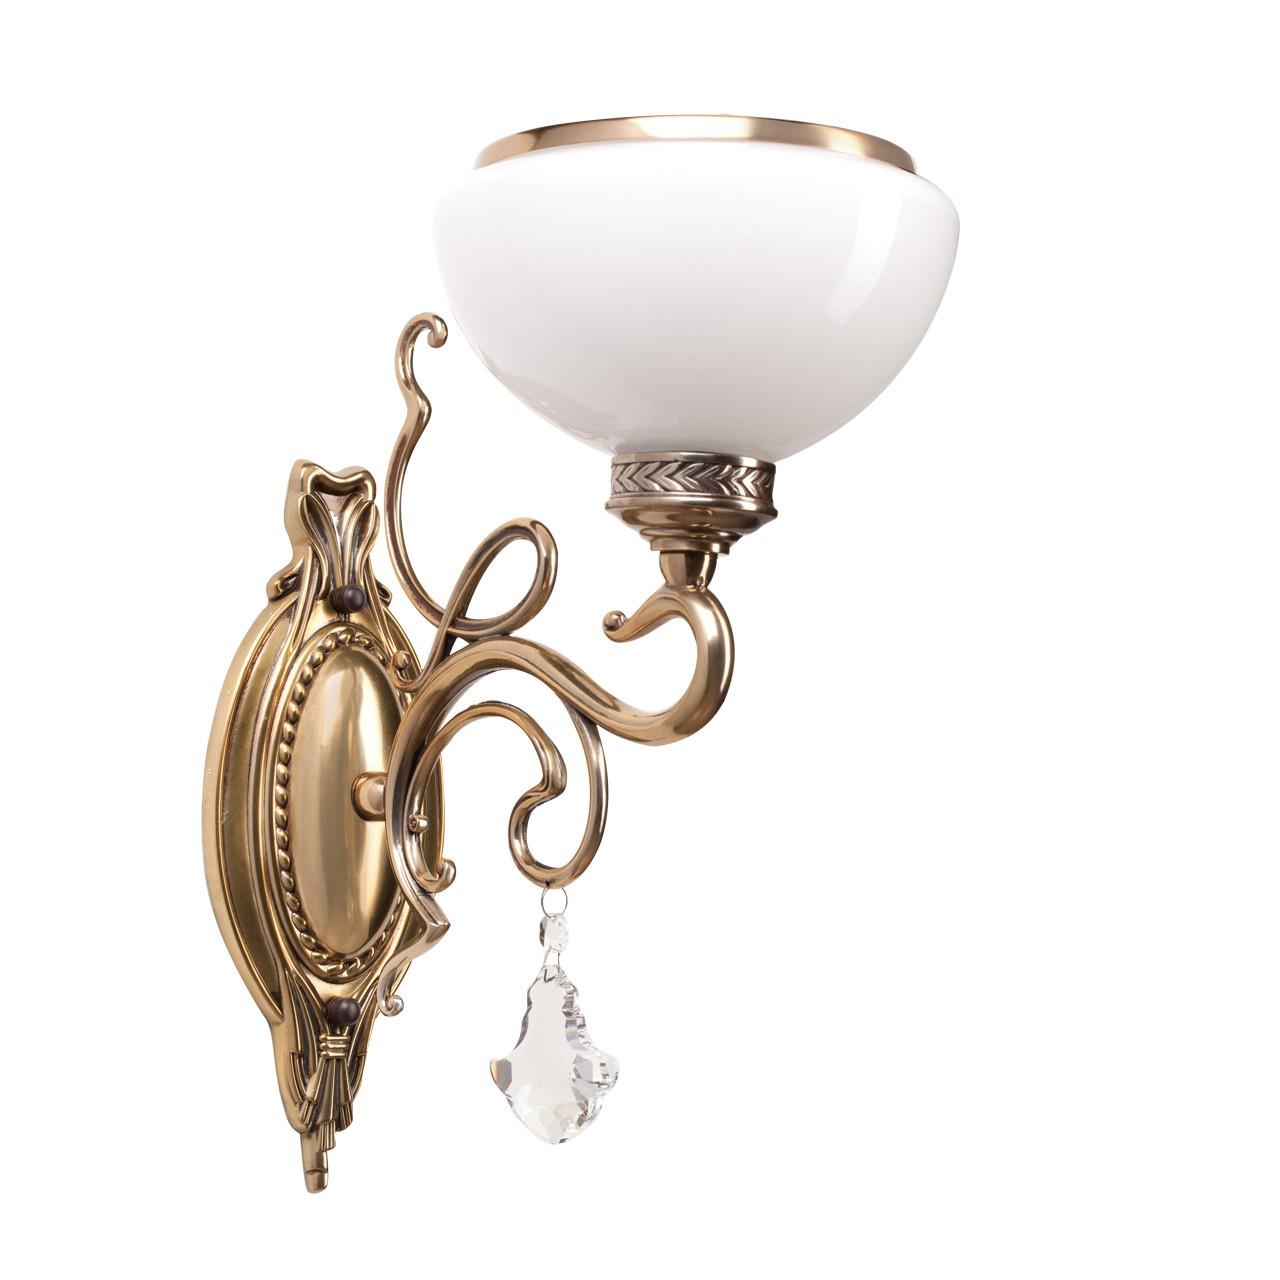 Настенный светильник MW Аманда, 481020401, бронза недорго, оригинальная цена